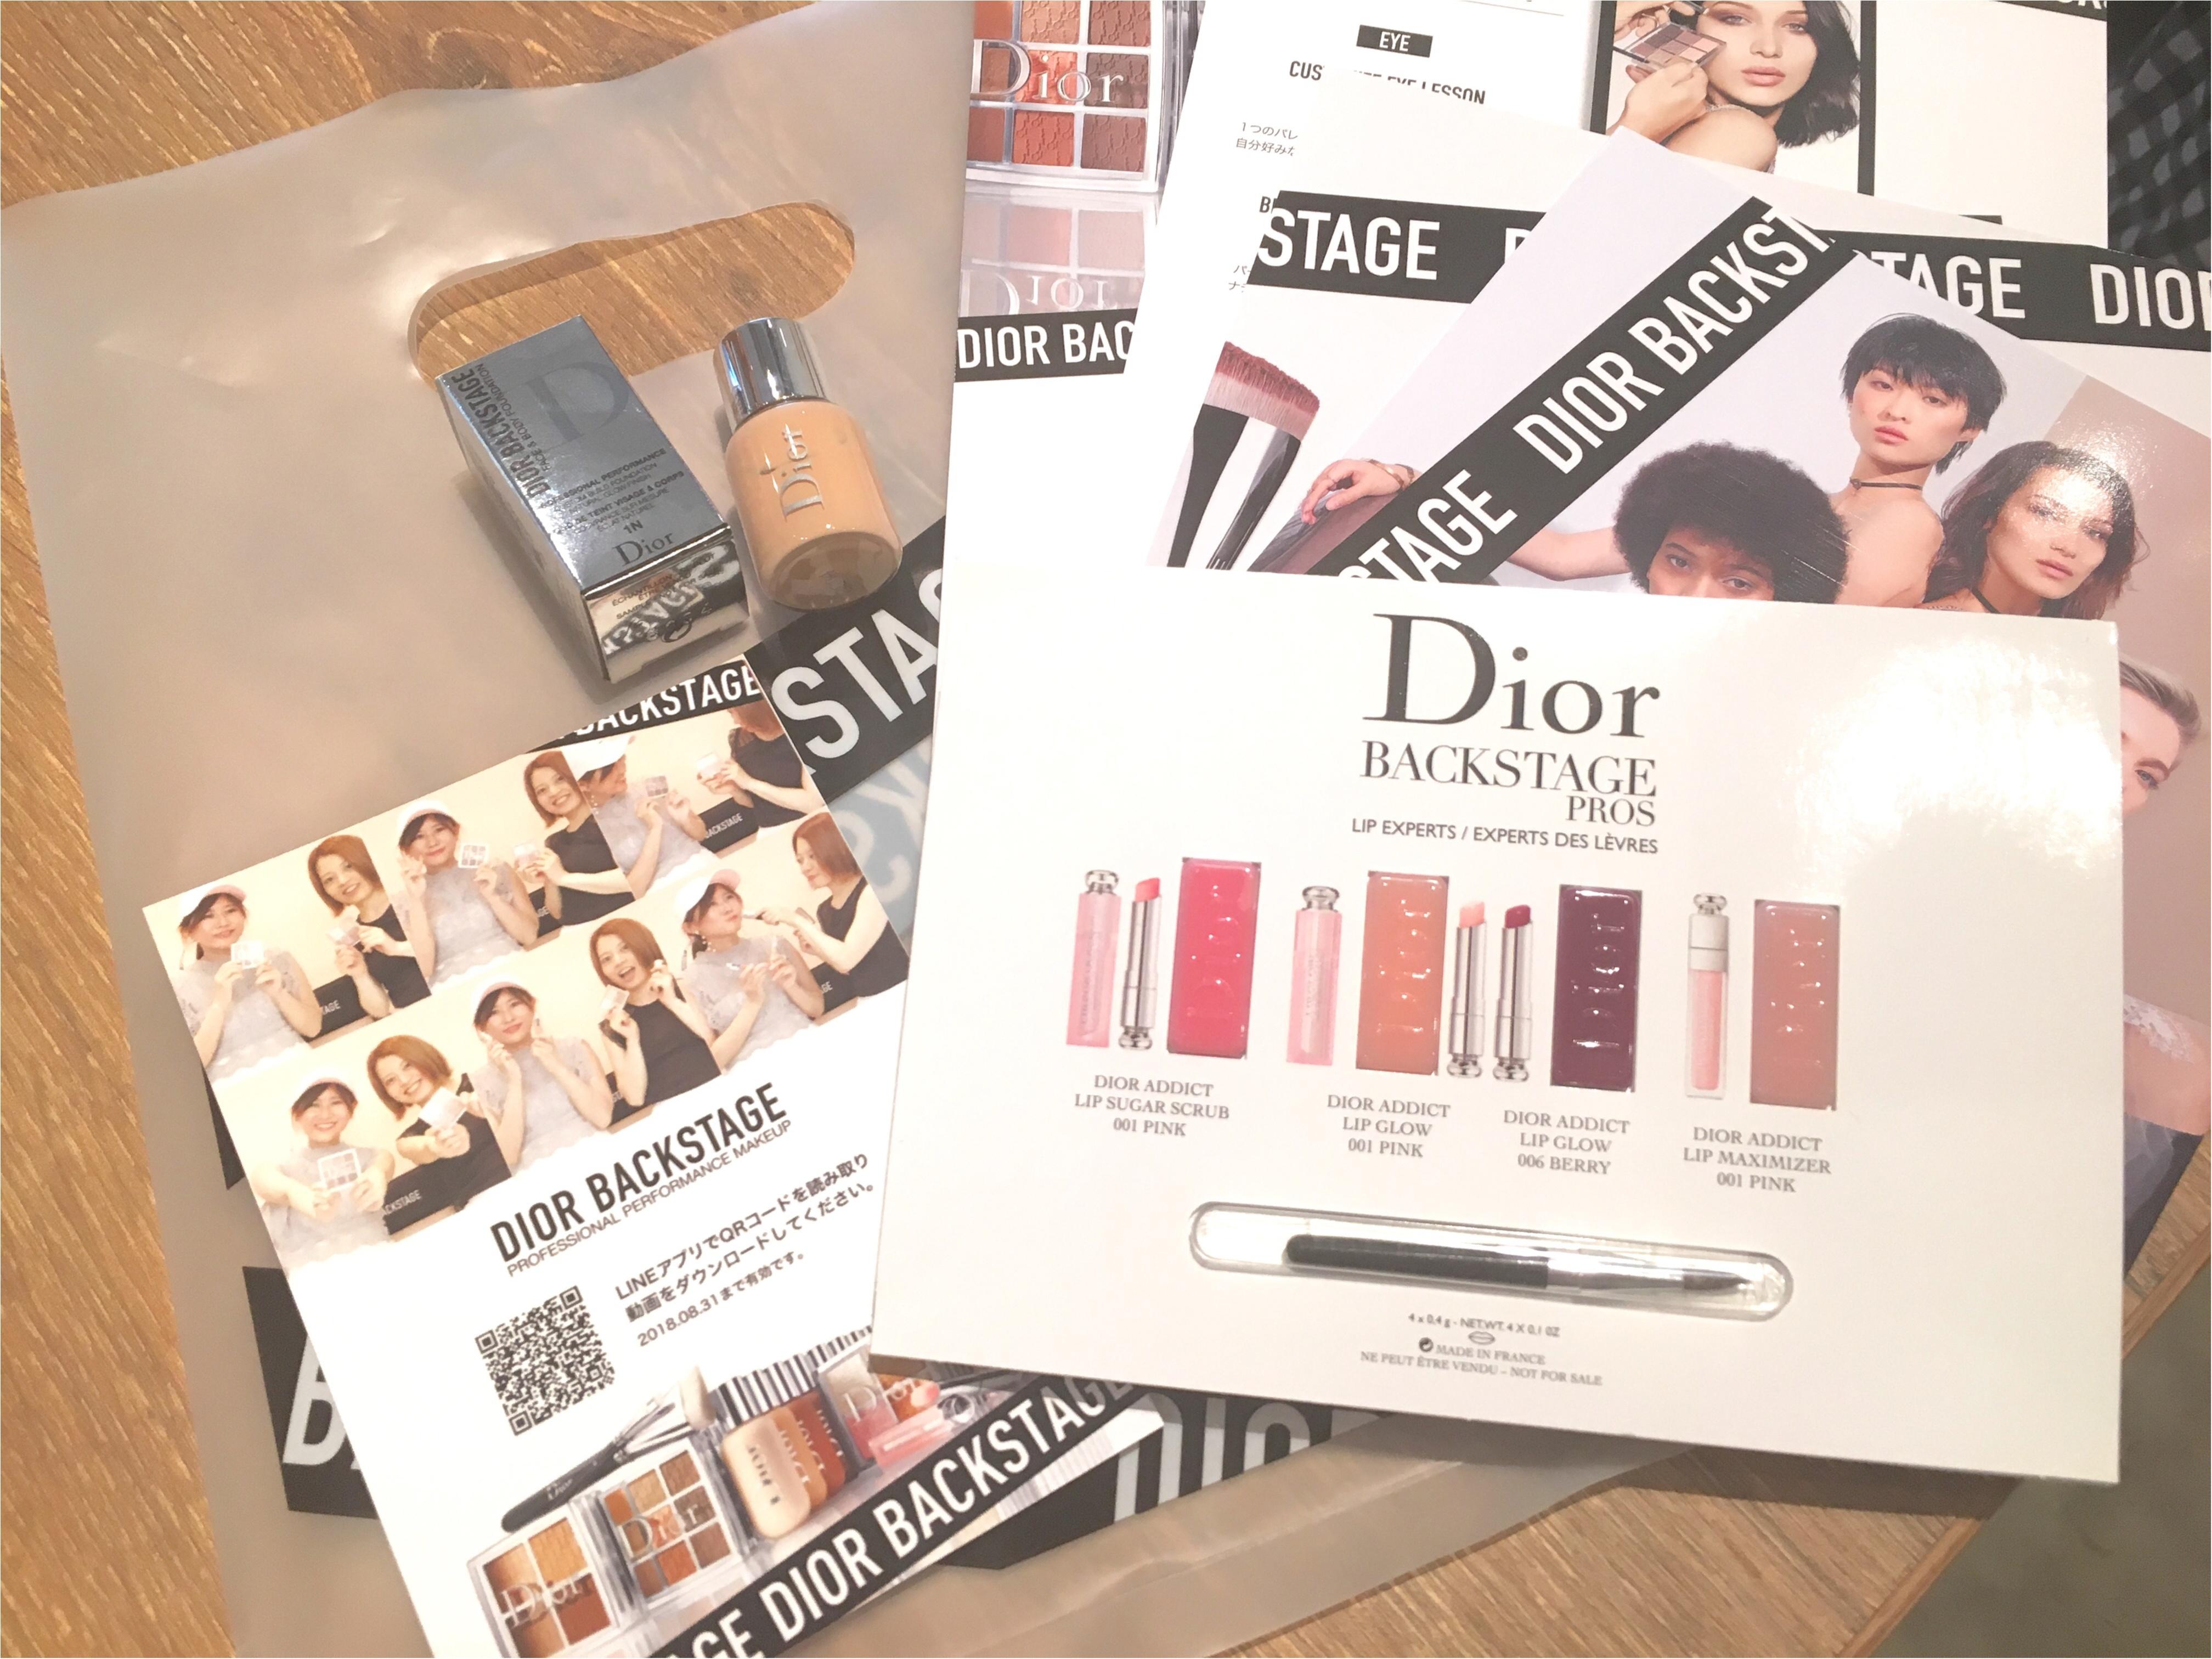 【Dior Backstage】ちいサンプルも❤︎ロイヤルウェディング使用コスメイベント!_3